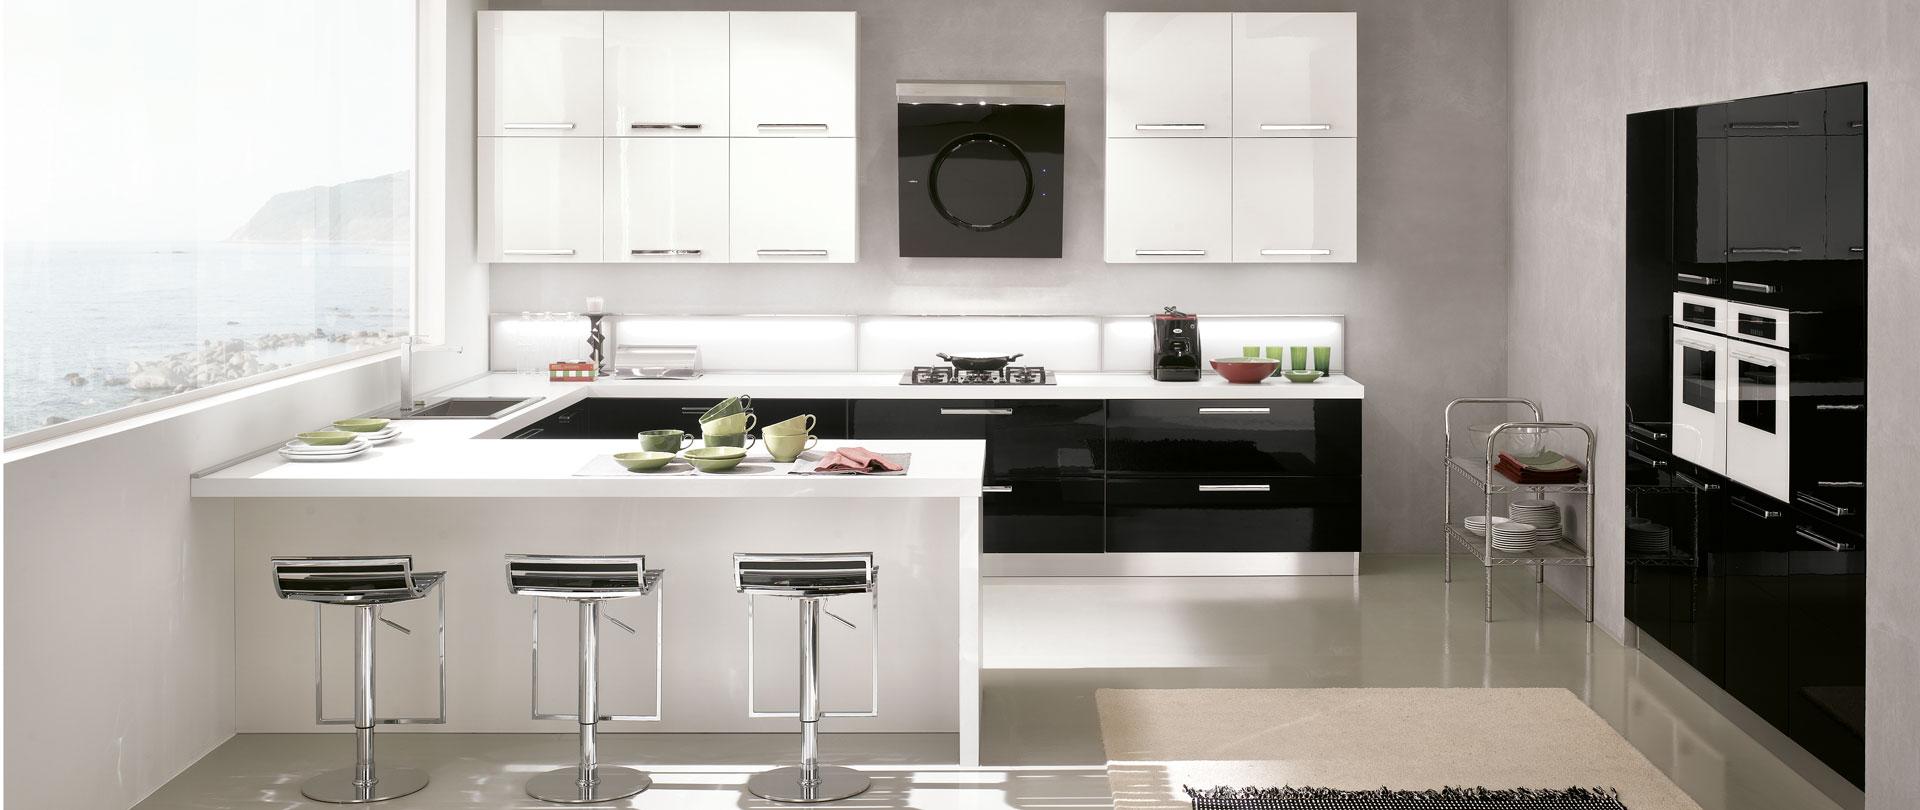 Cucina Moderna Seminuova.Il Mobilone Centro Cucine Corigliano Calabro